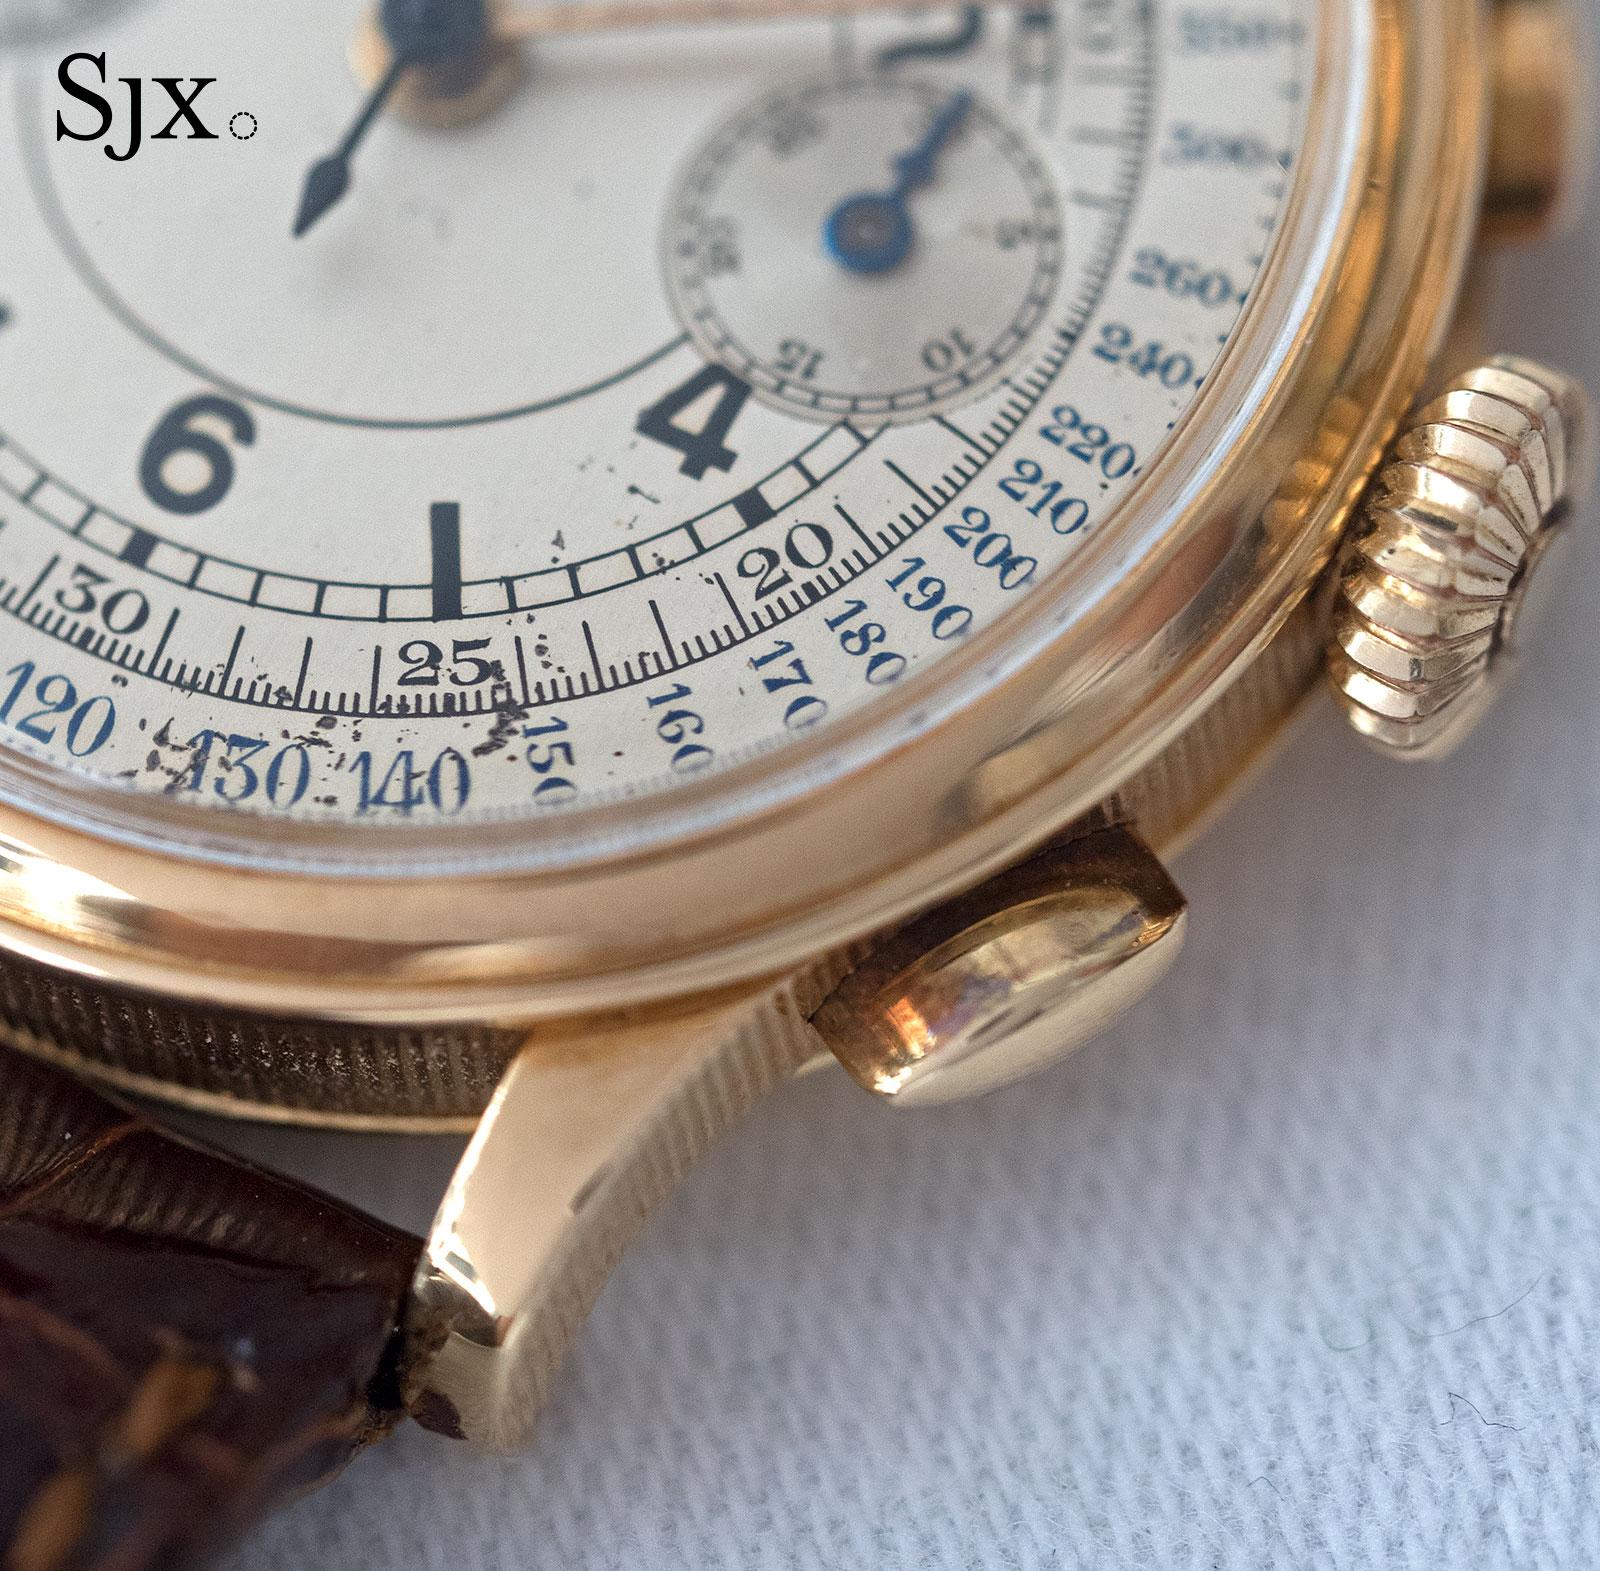 Breguet chronograph sector dial 9